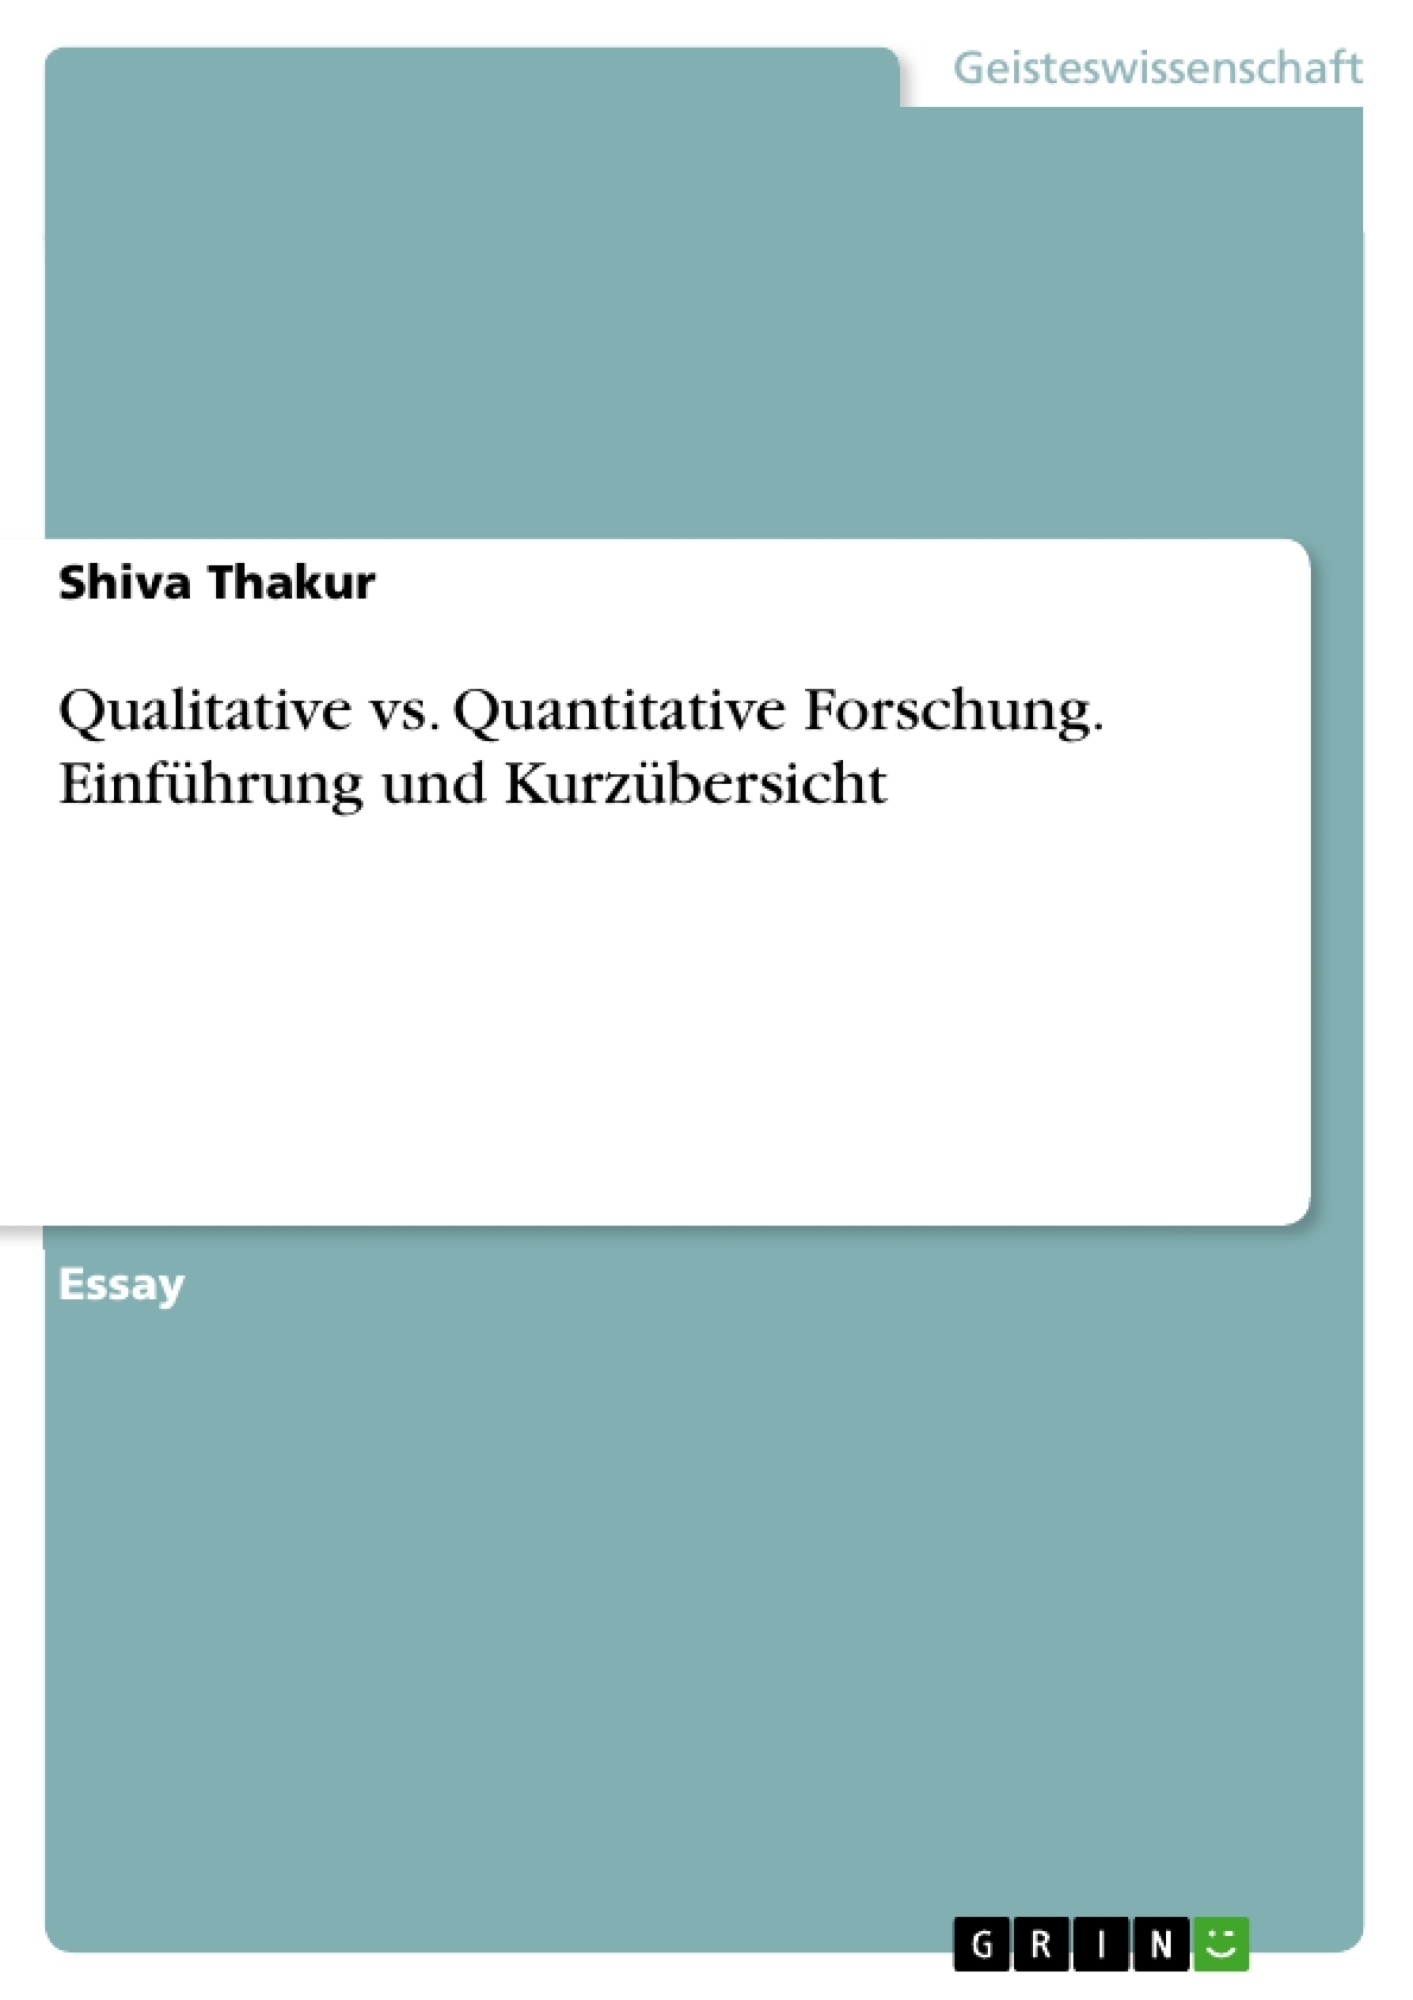 Titel: Qualitative vs. Quantitative Forschung. Einführung und Kurzübersicht